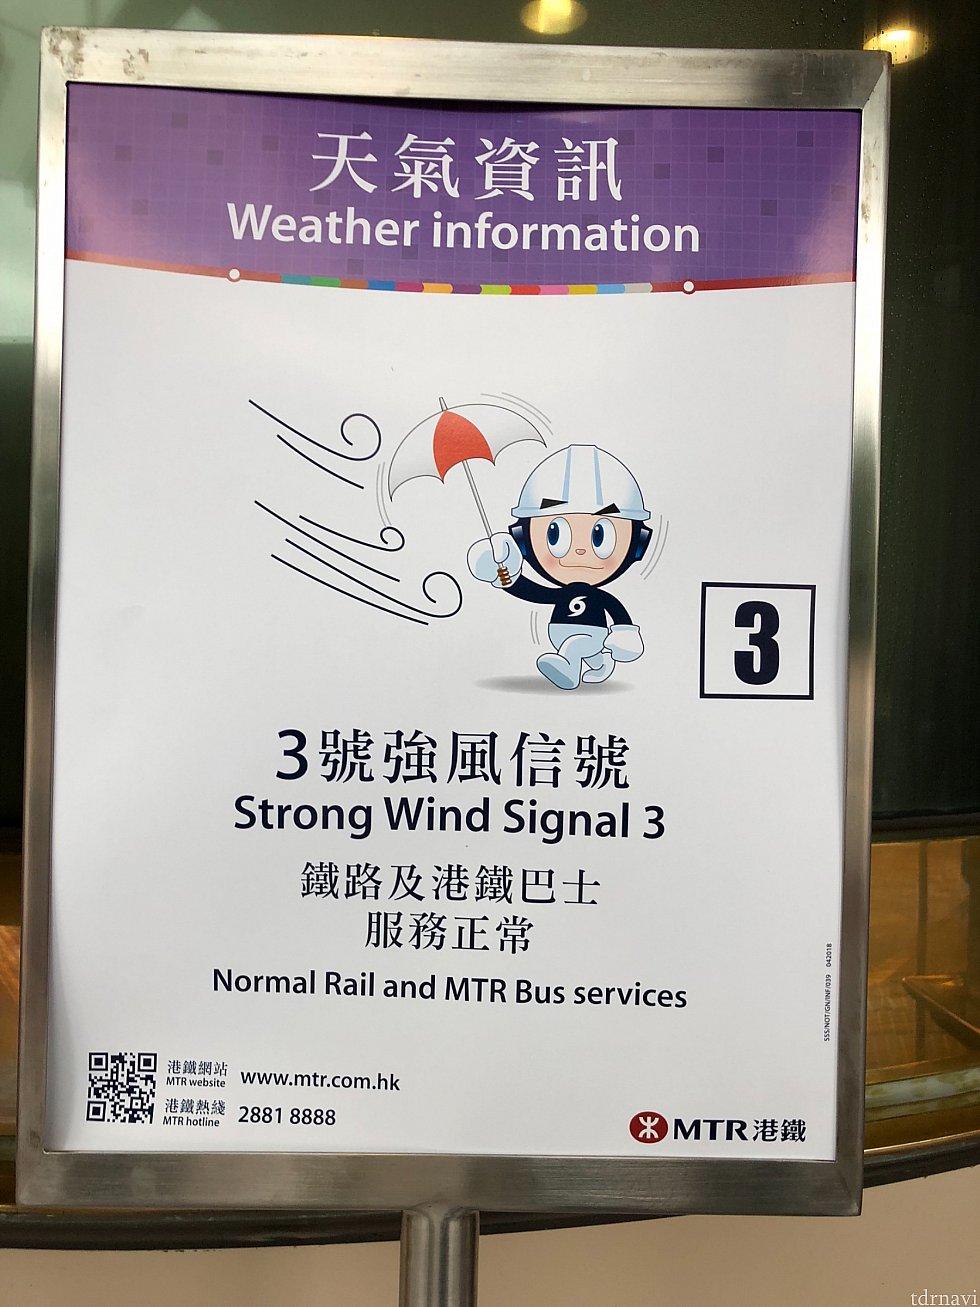 MTRの駅やパークではこのように台風の状態を告知してます。